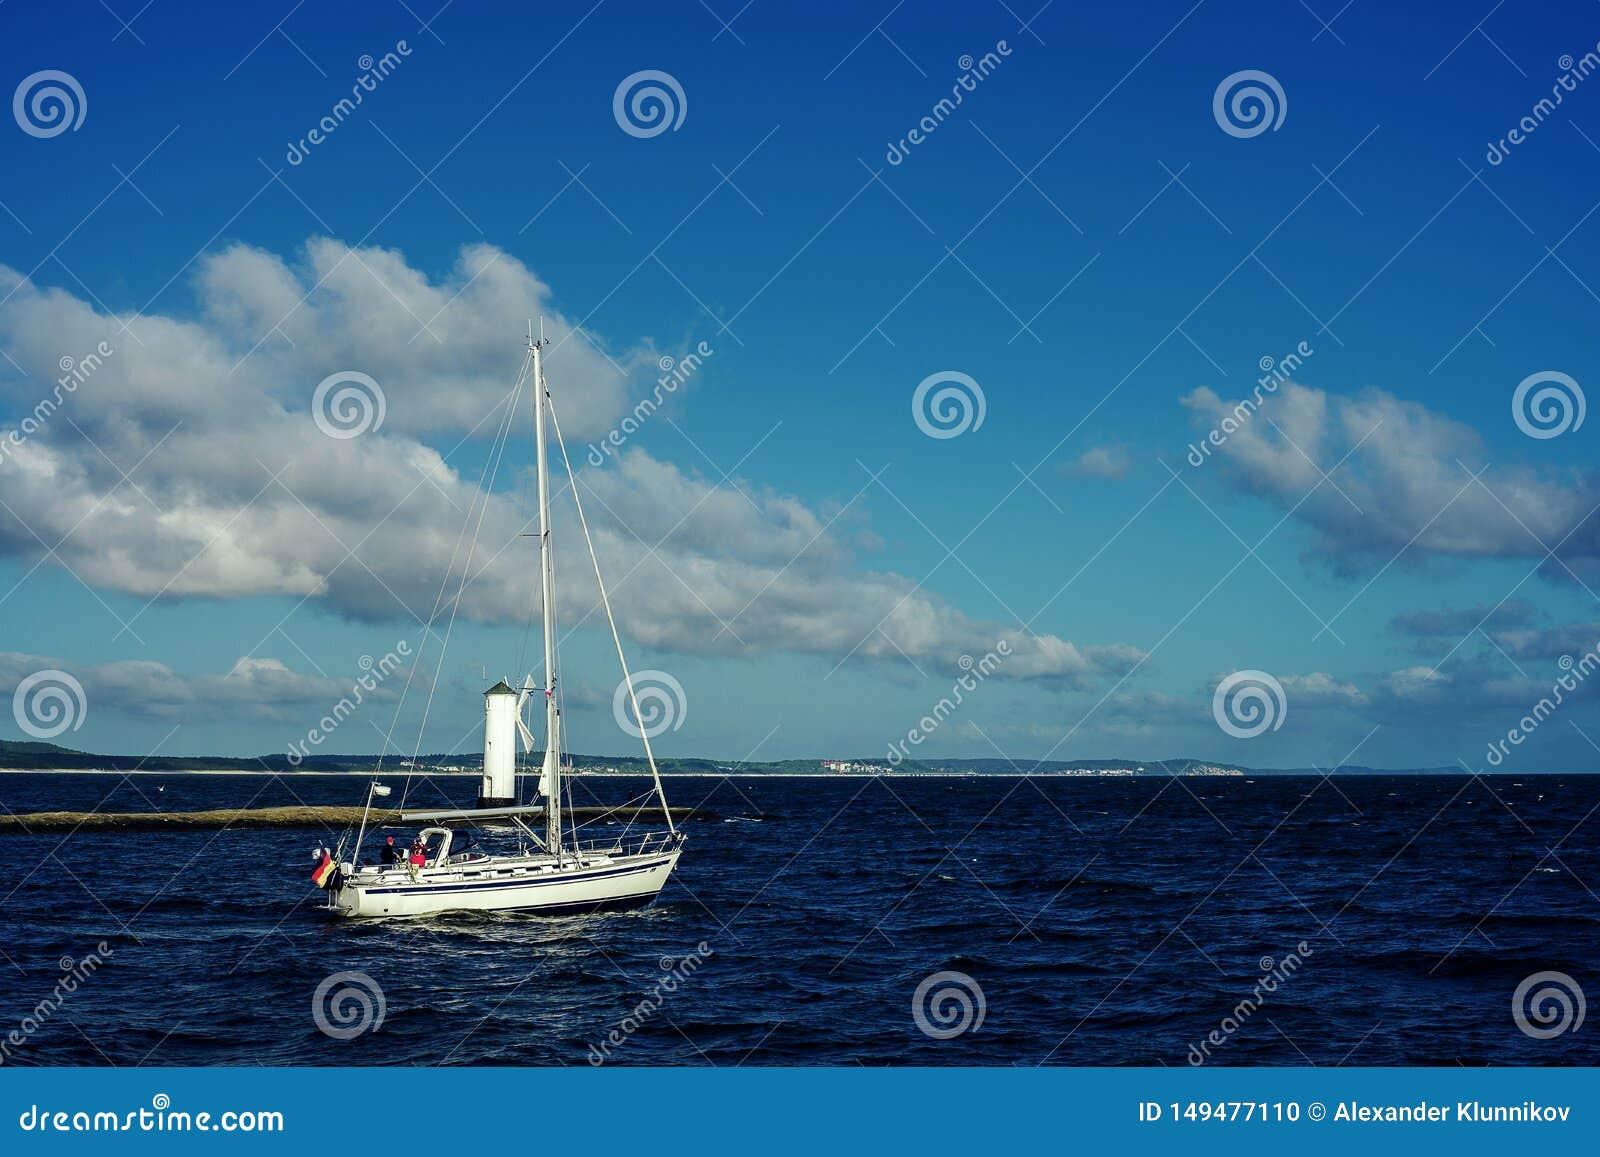 白色帆船进行中使用在背景土地的引擎